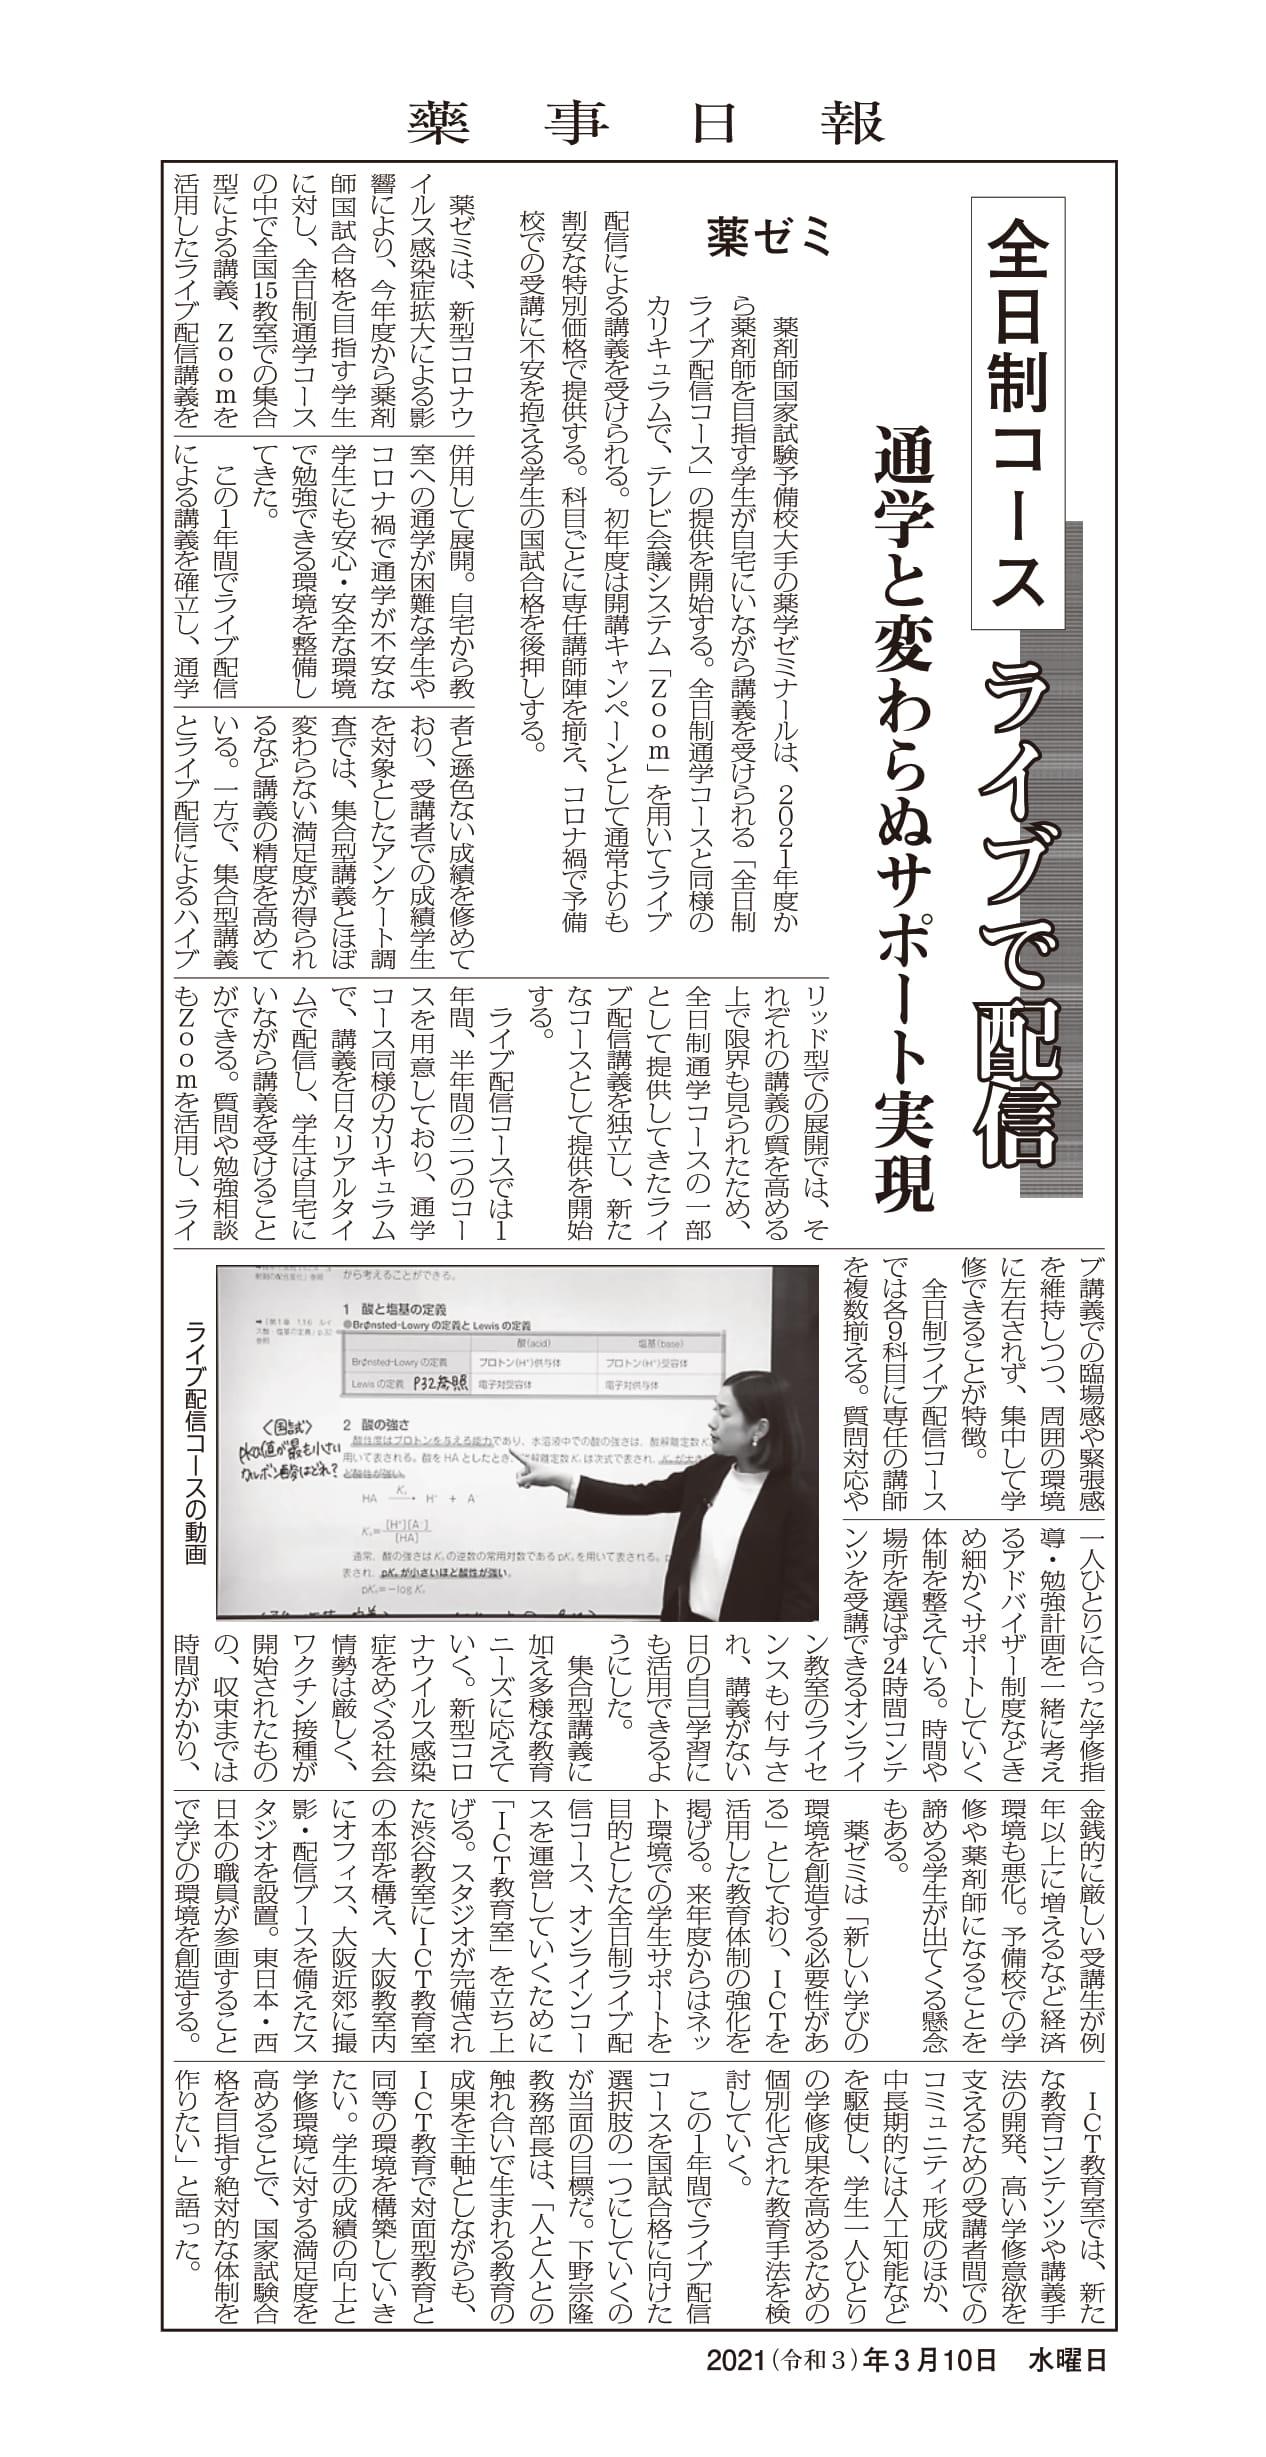 薬事日報 2021年3月10日 ライブ配信コース記事